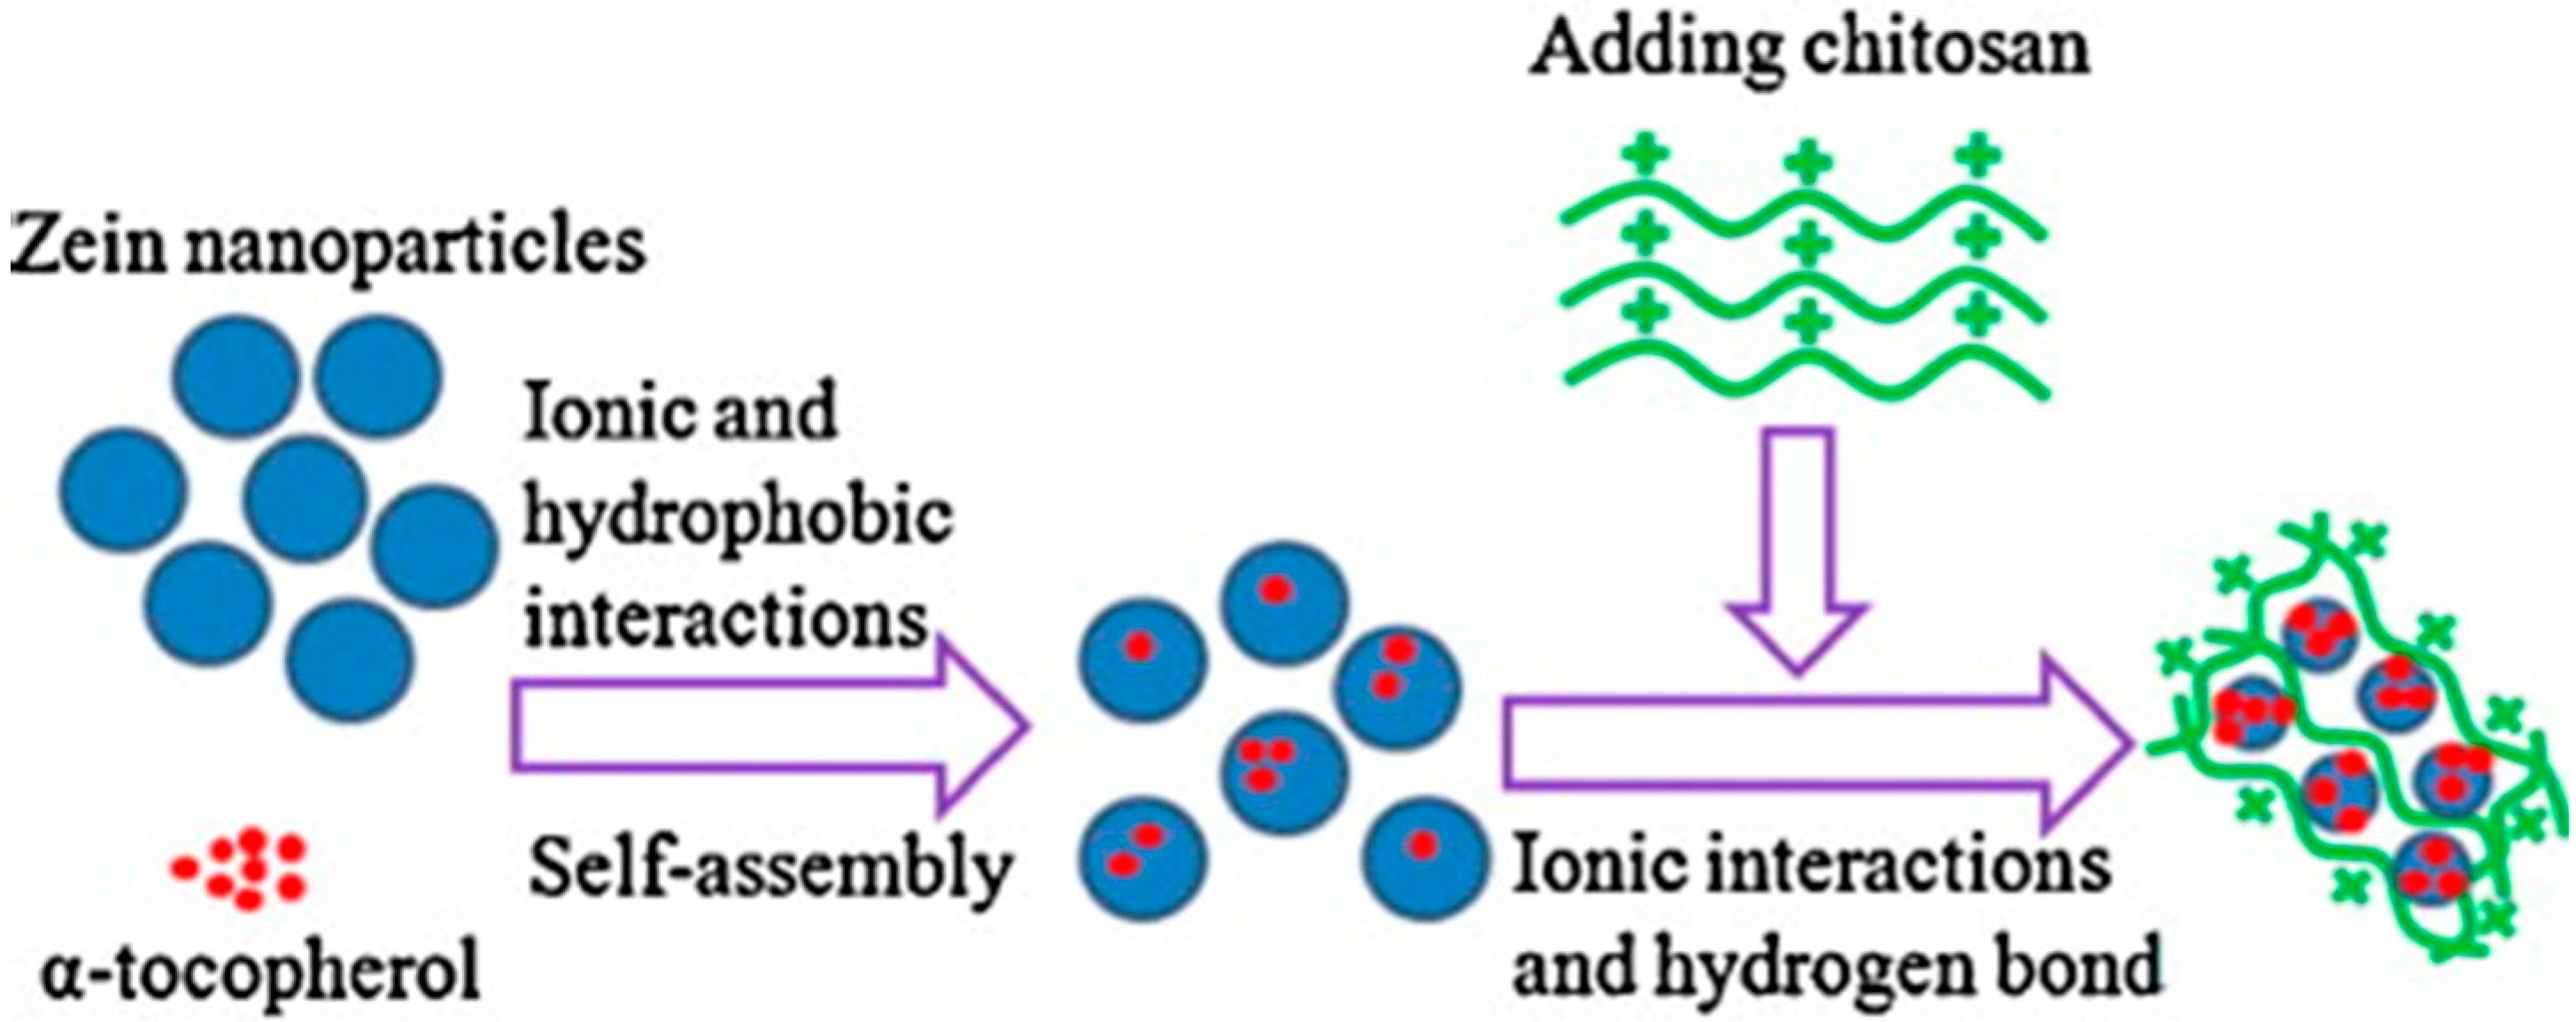 biocompatible materials and its applications